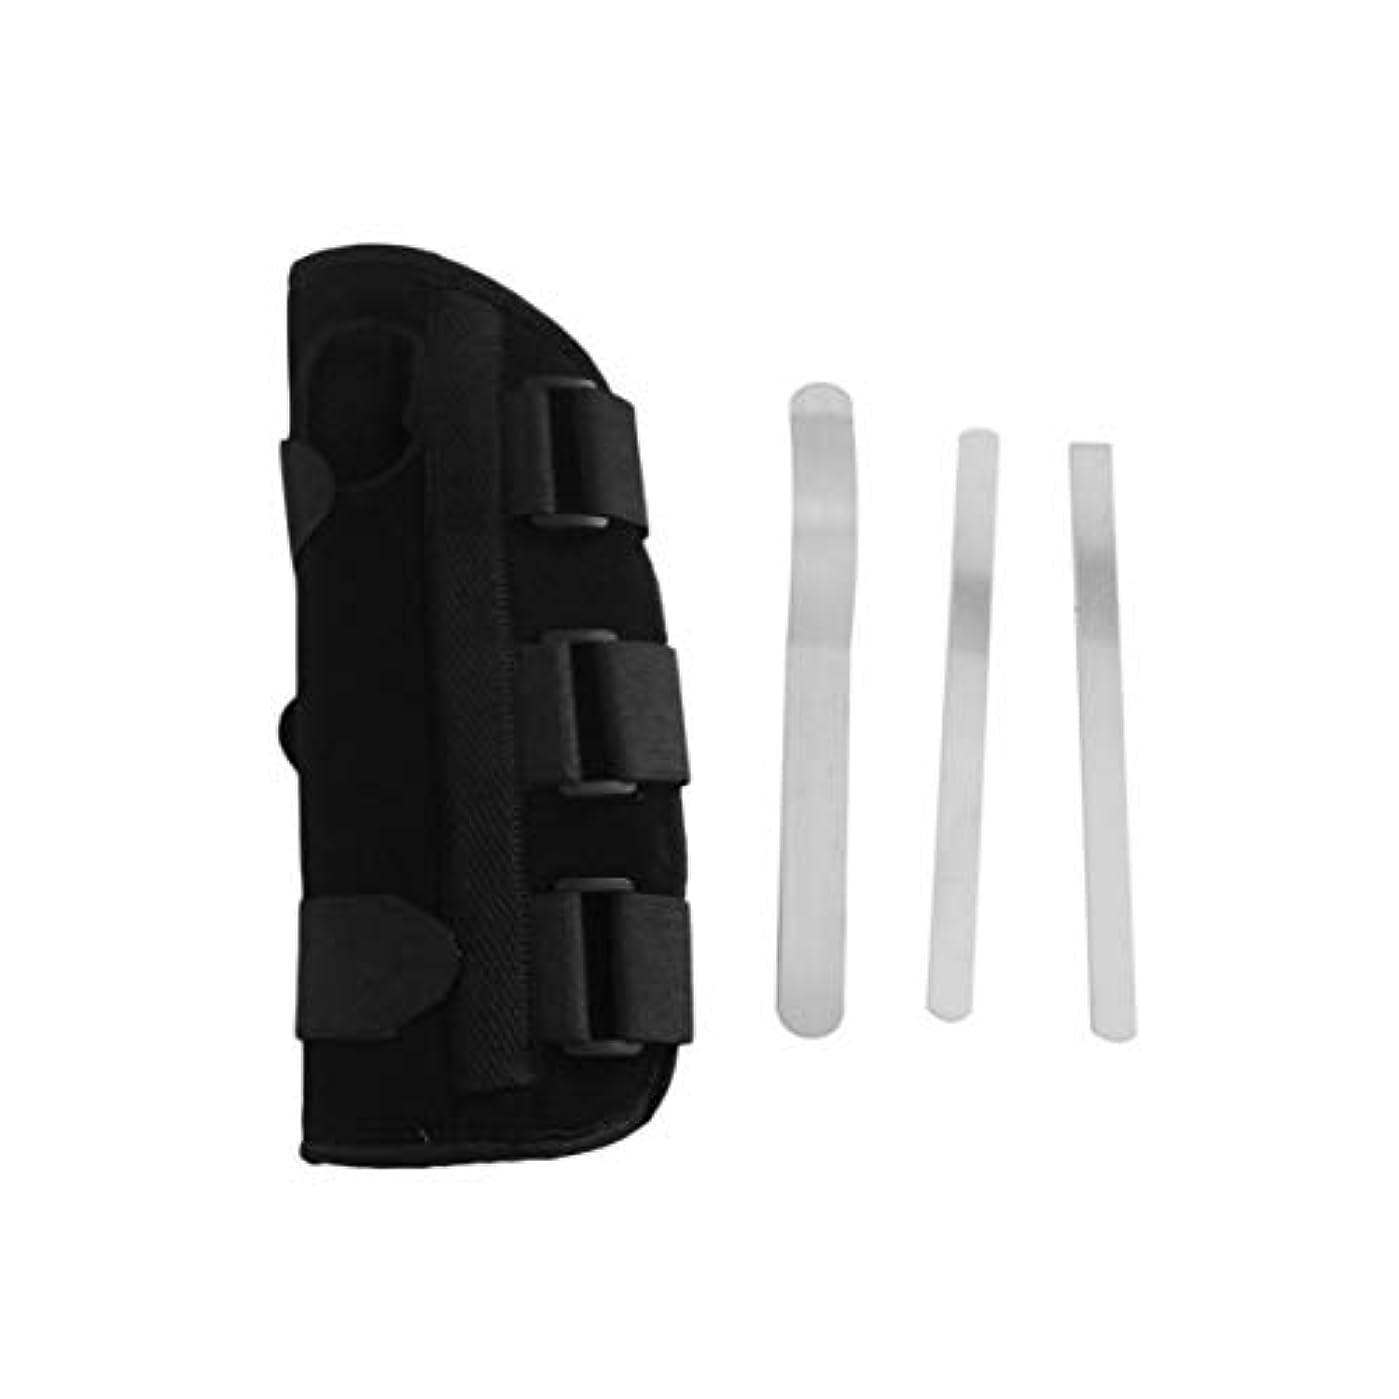 レザーファンシー激怒手首副木ブレース保護サポートストラップカルペルトンネルCTS RSI痛み軽減取り外し可能な副木快適な軽量ストラップ - ブラックS